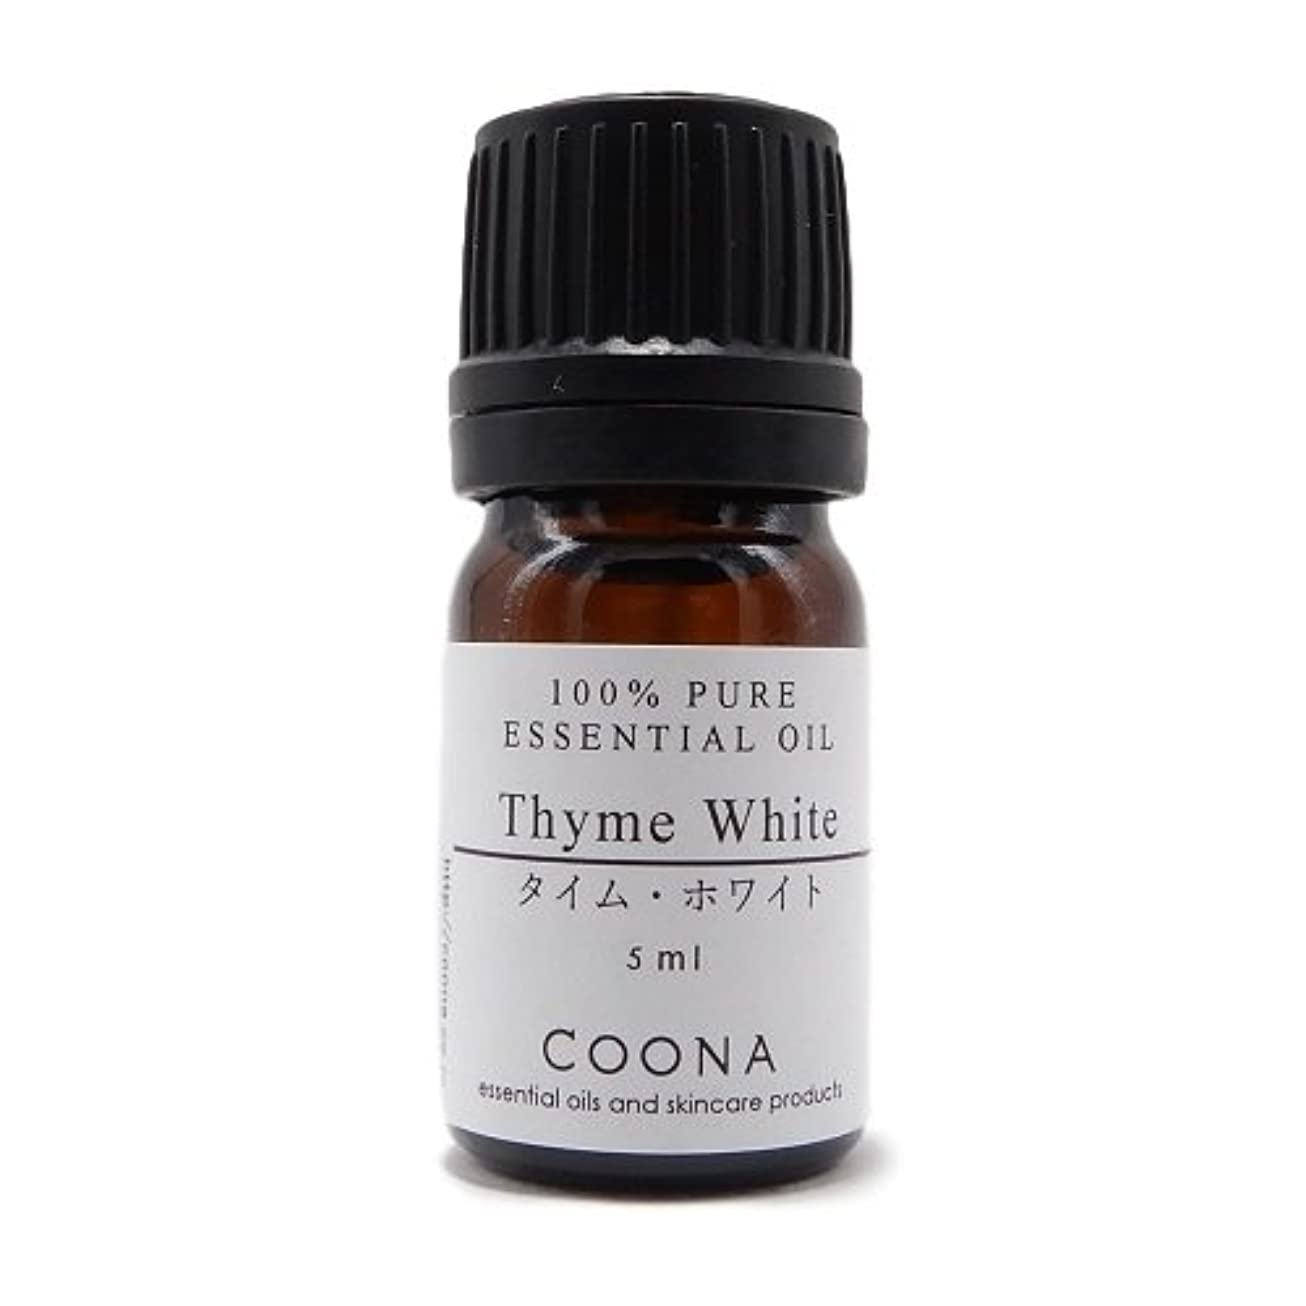 反映する心配ぐるぐるタイム ホワイト 5 ml (COONA エッセンシャルオイル アロマオイル 100%天然植物精油)